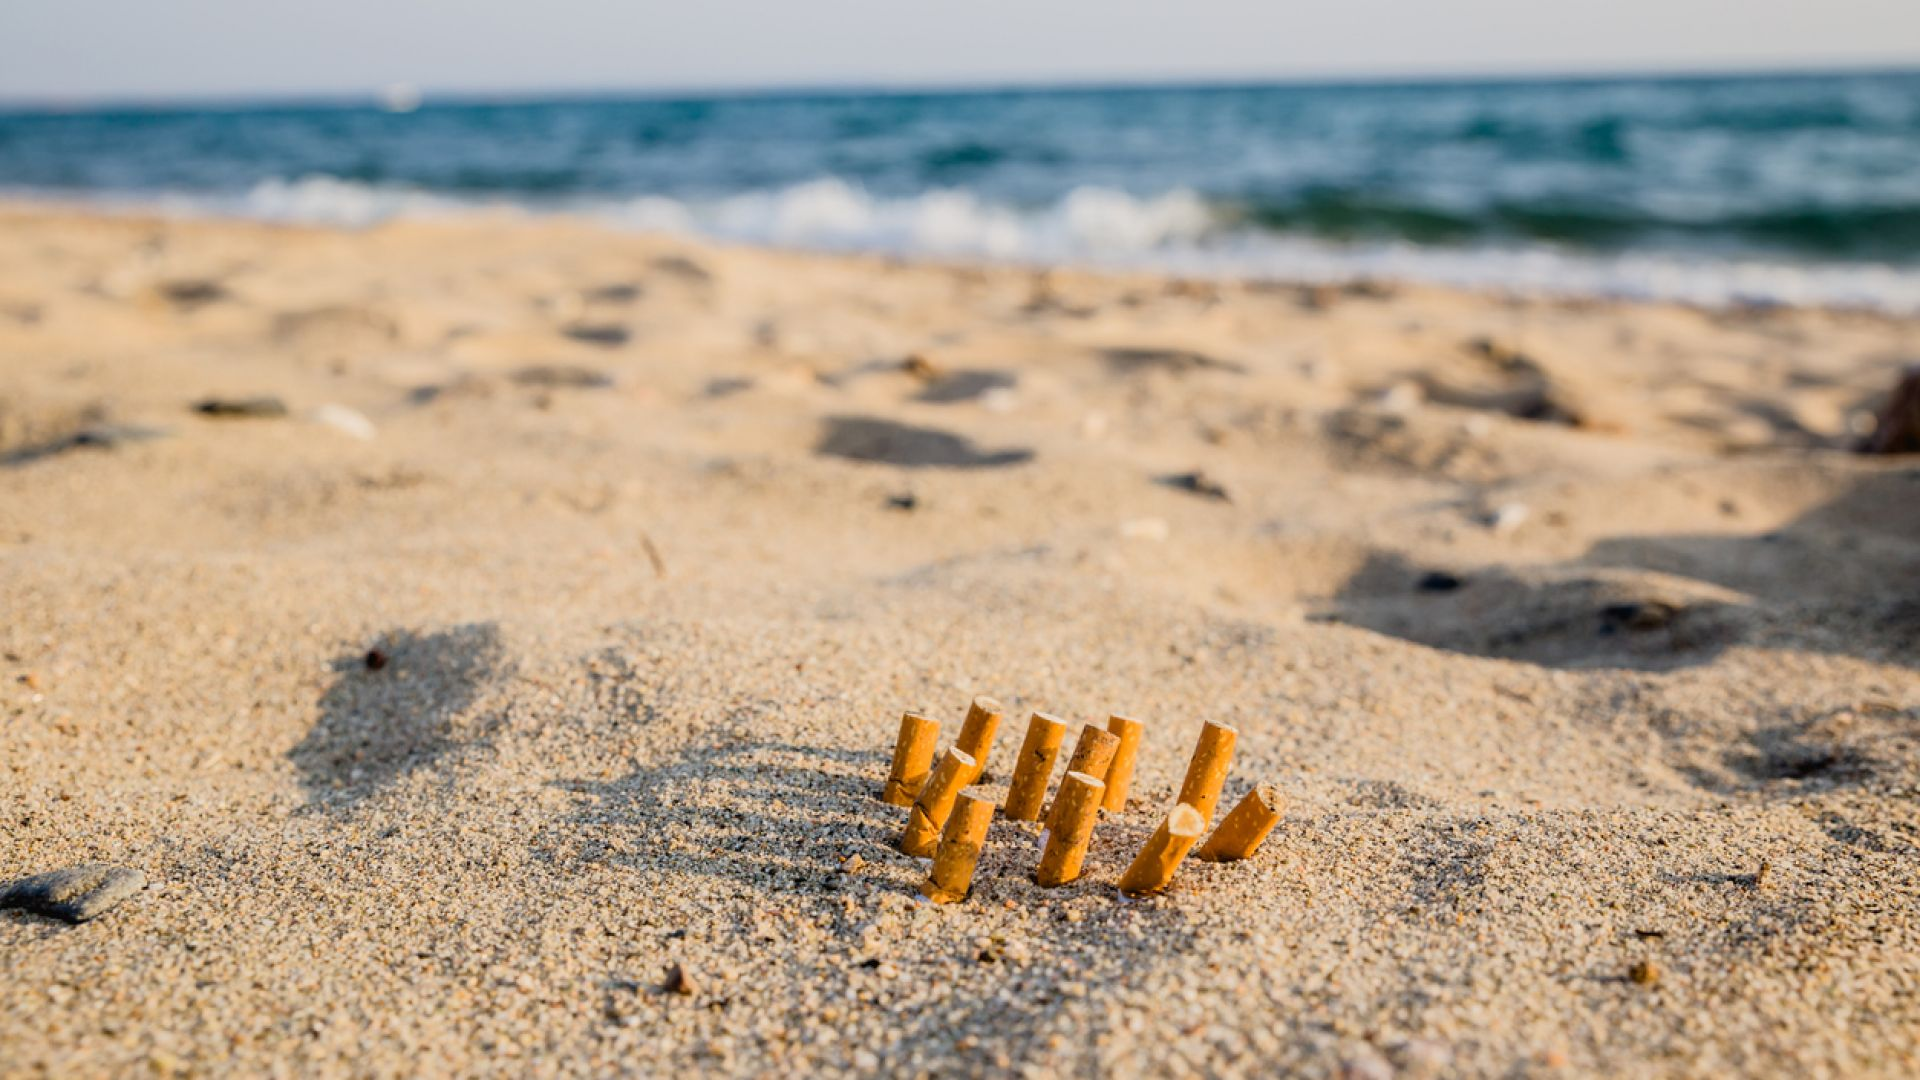 Морски рак, който пуши цигара, се превърна в сензация в социалните мрежи (видео)